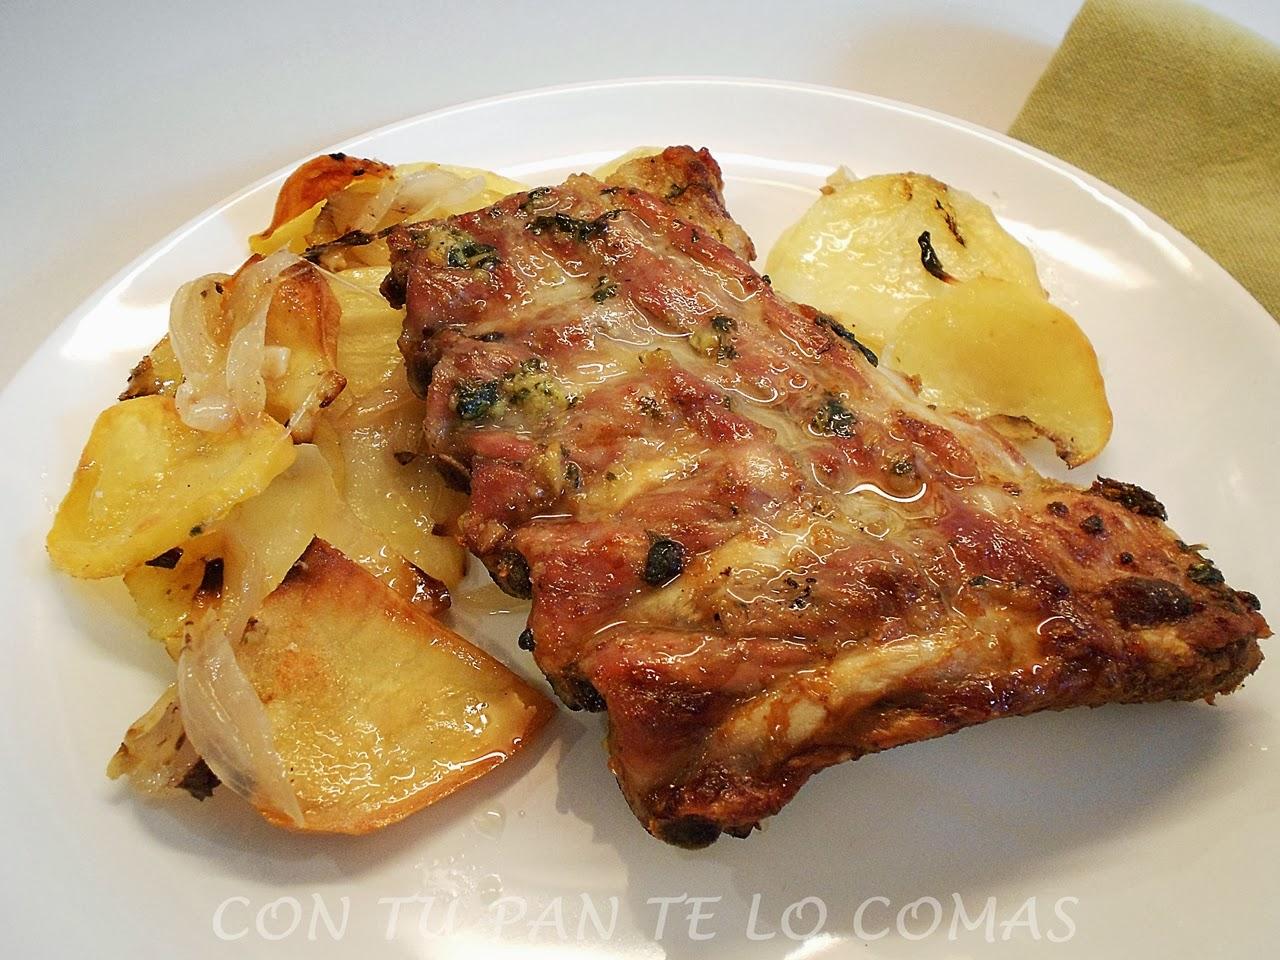 Con tu pan te lo comas costillas de cerdo al horno - Patatas con costillas de cerdo ...